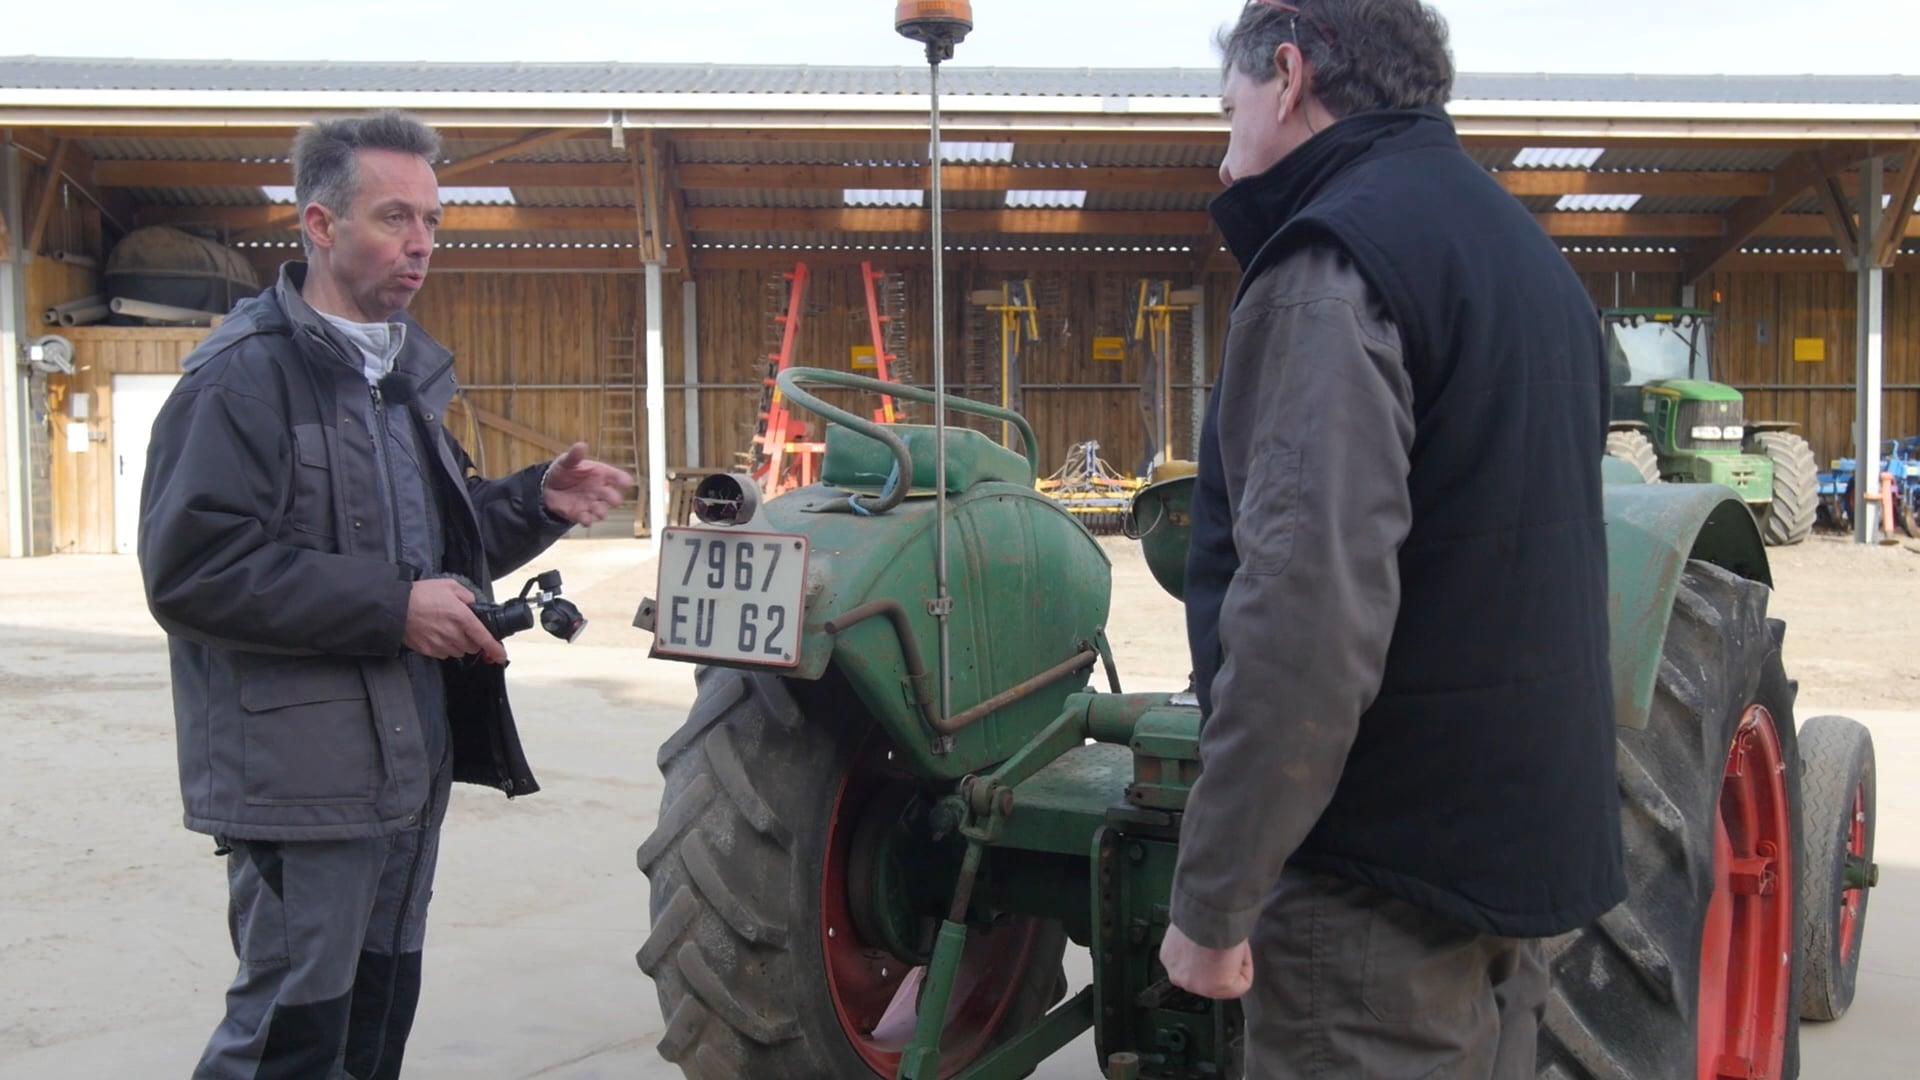 Tracteur utilite historique fonctions de base